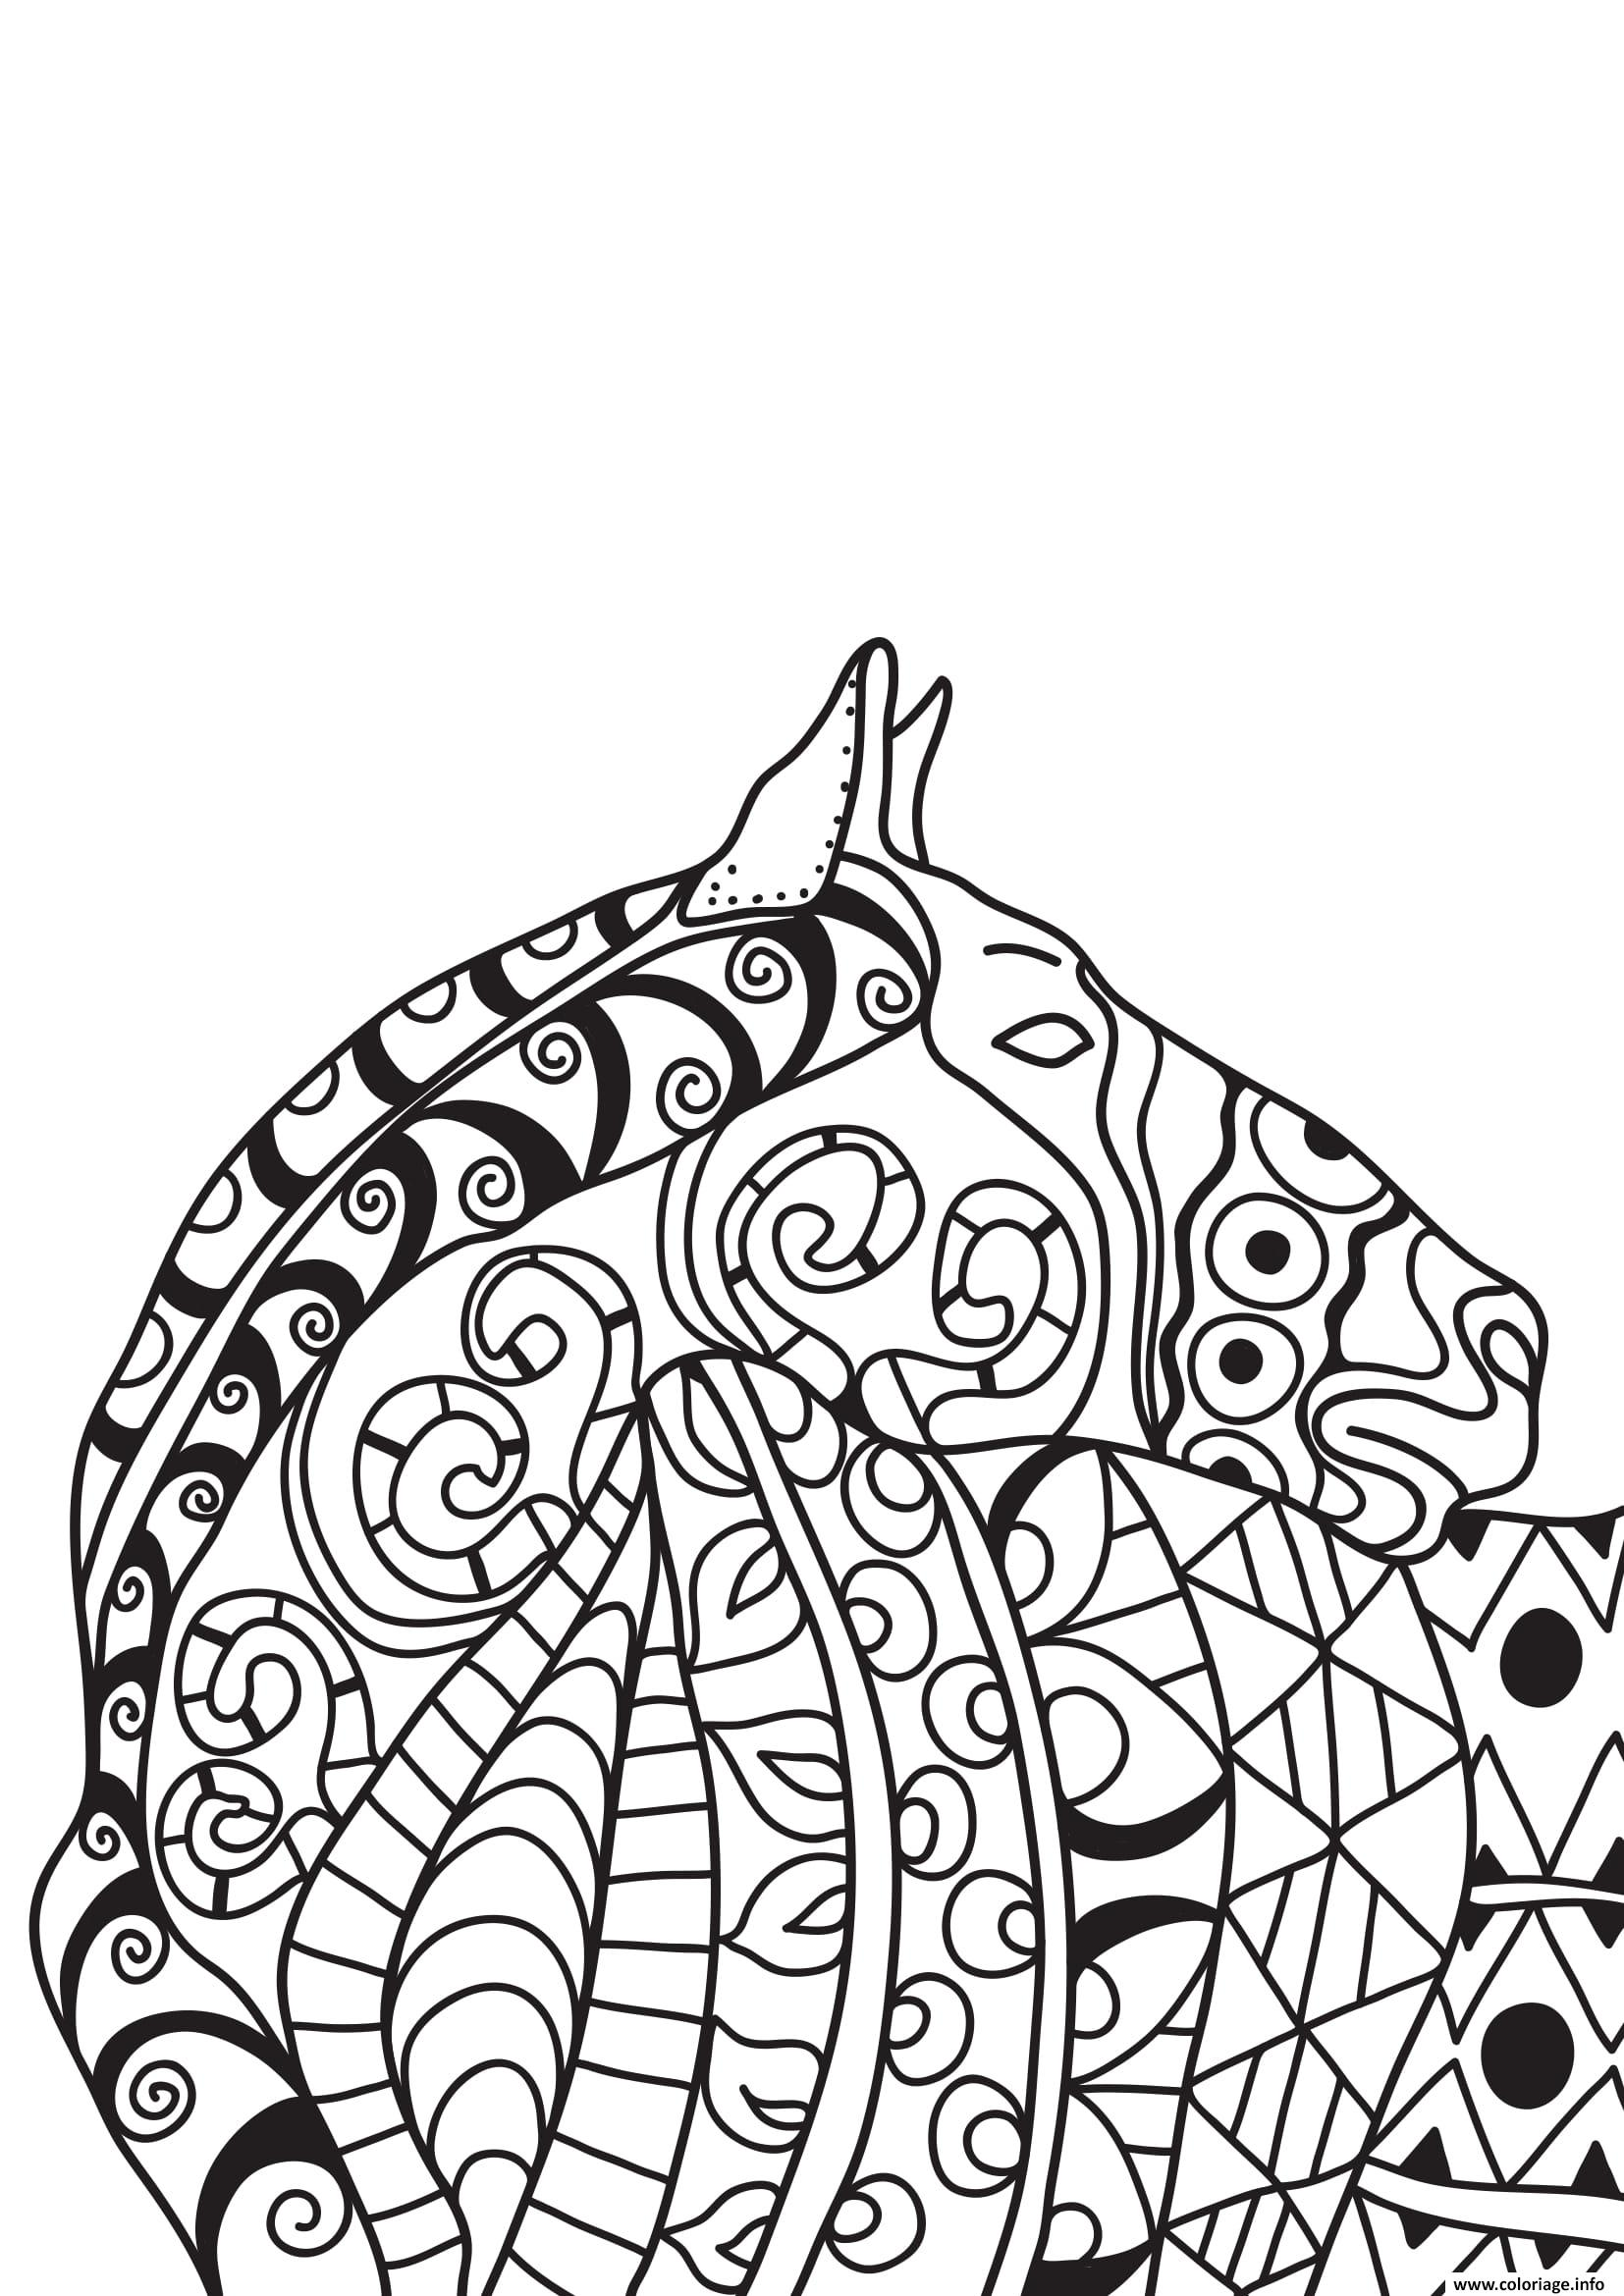 Dessin adulte cheval zentangle 14 Coloriage Gratuit à Imprimer